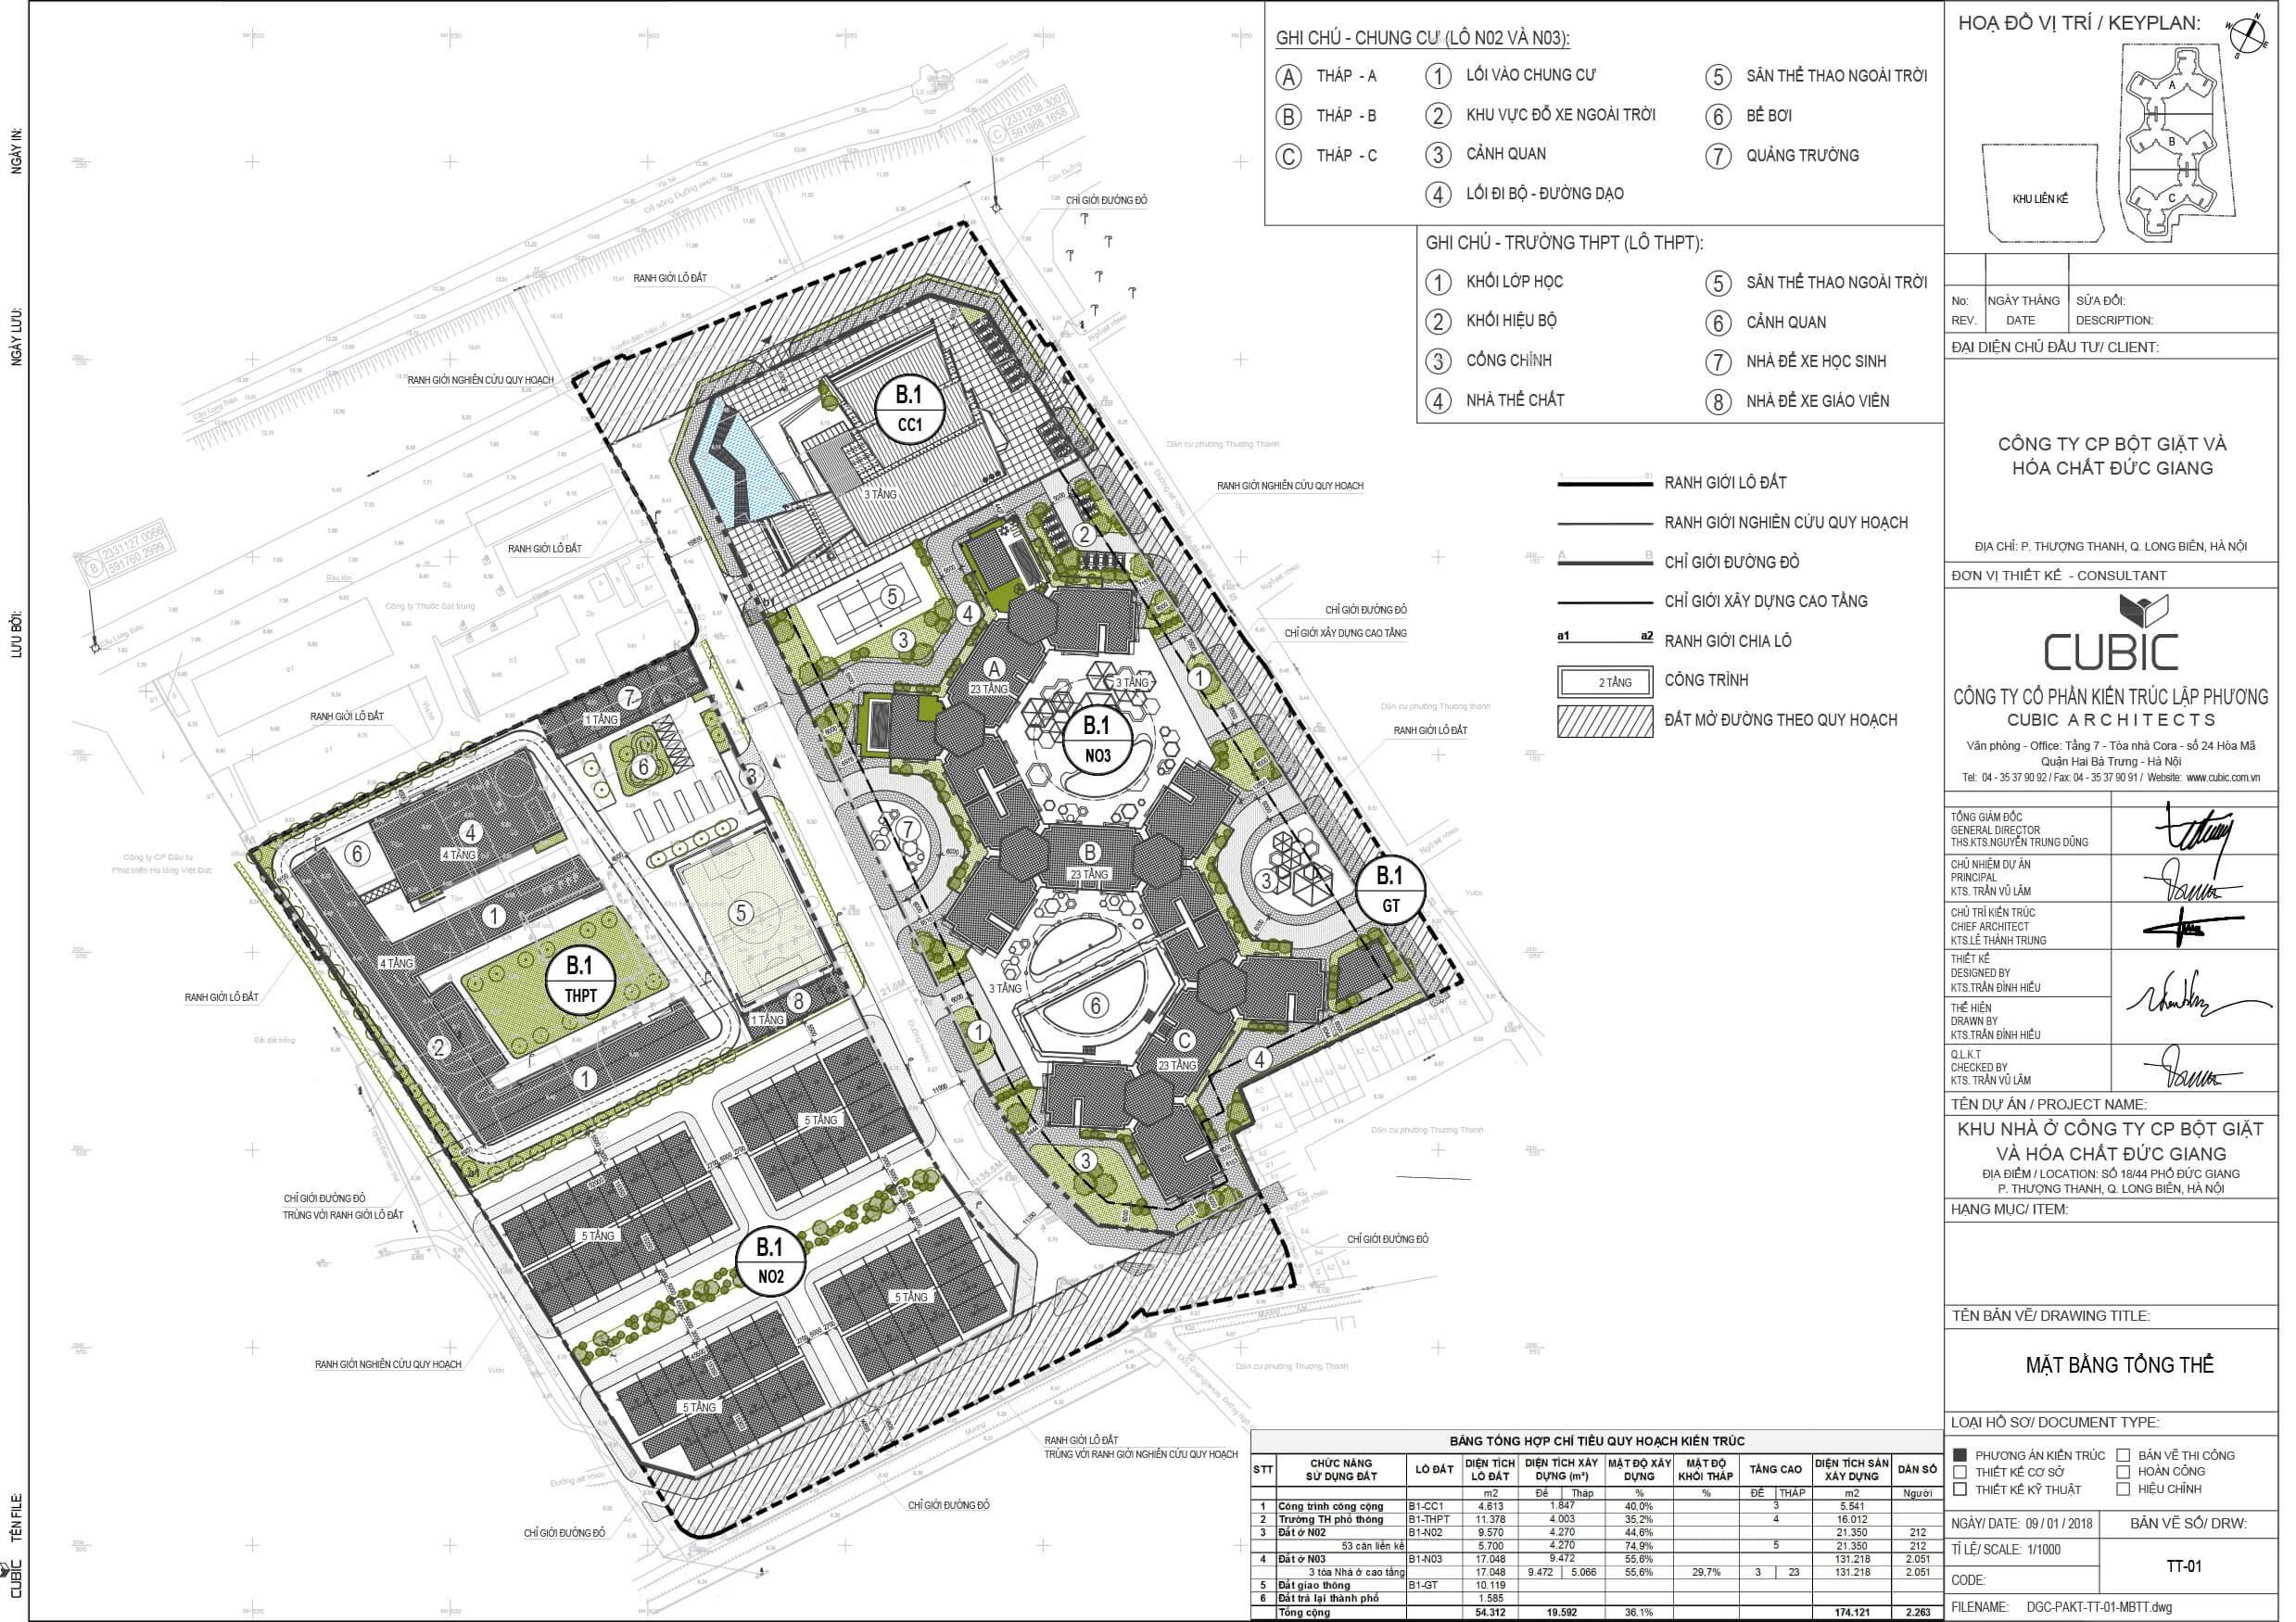 Mặt bằng tổng thể dự án liền kề, chung cư nhà máy hóa chất Đức Giang.